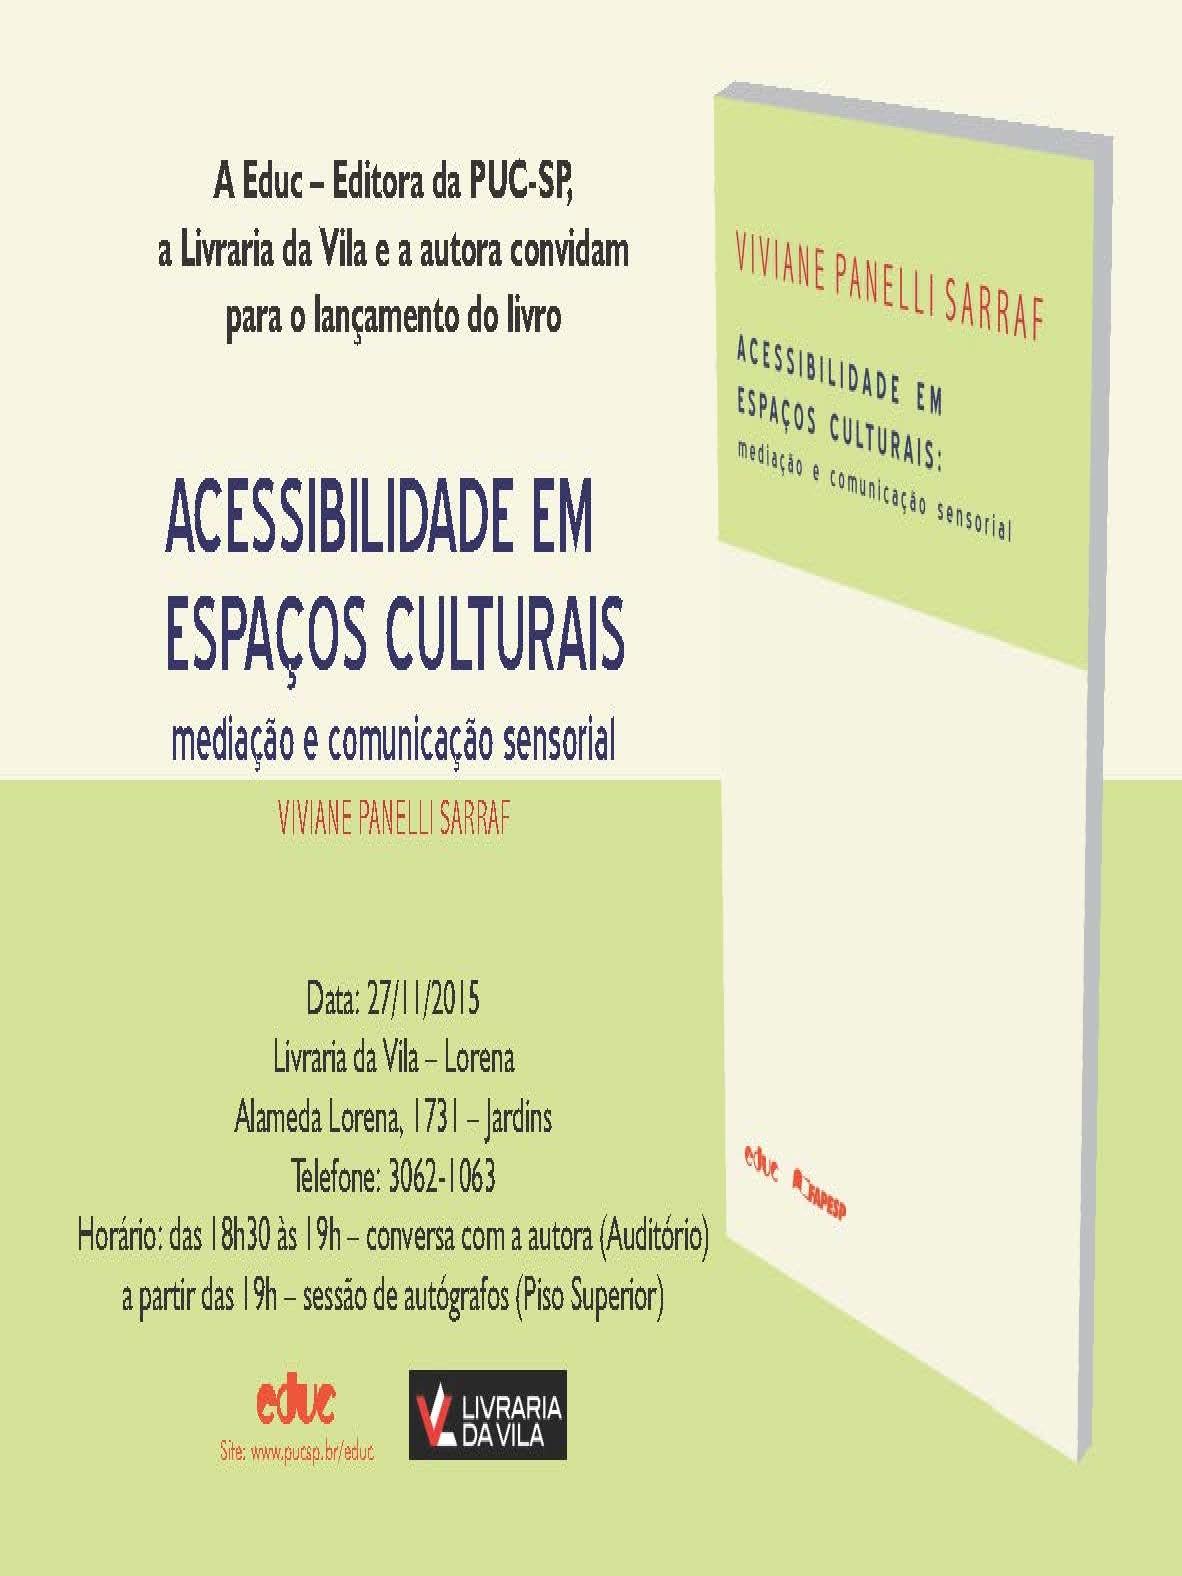 Imagem do convite do lançamento com as informações sobre o evento. Fundo verde claro, logotipo da editora Educ e da FAPESP na faixa inferior. Capa do livro Acessibilidade em Espaços Culturais a direita.